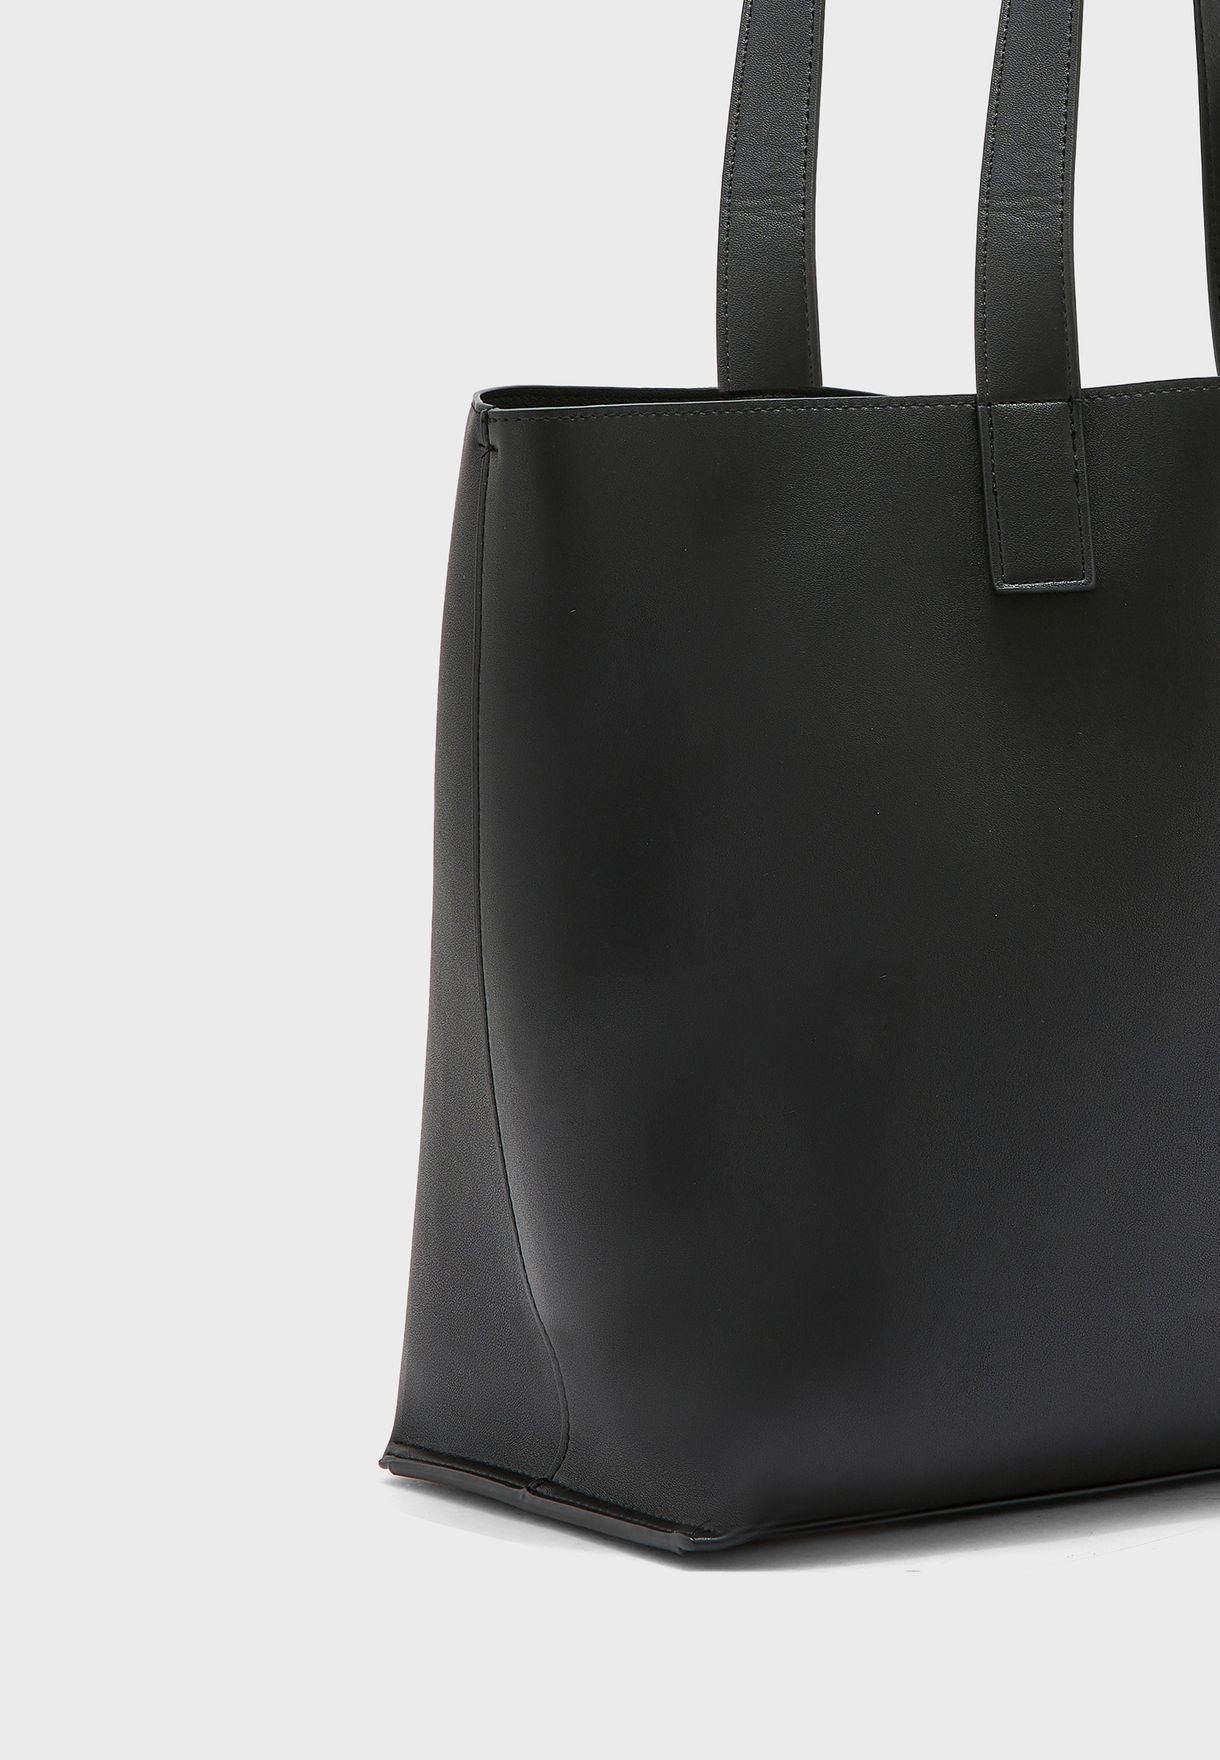 شنطة مع حقيبة داخلية